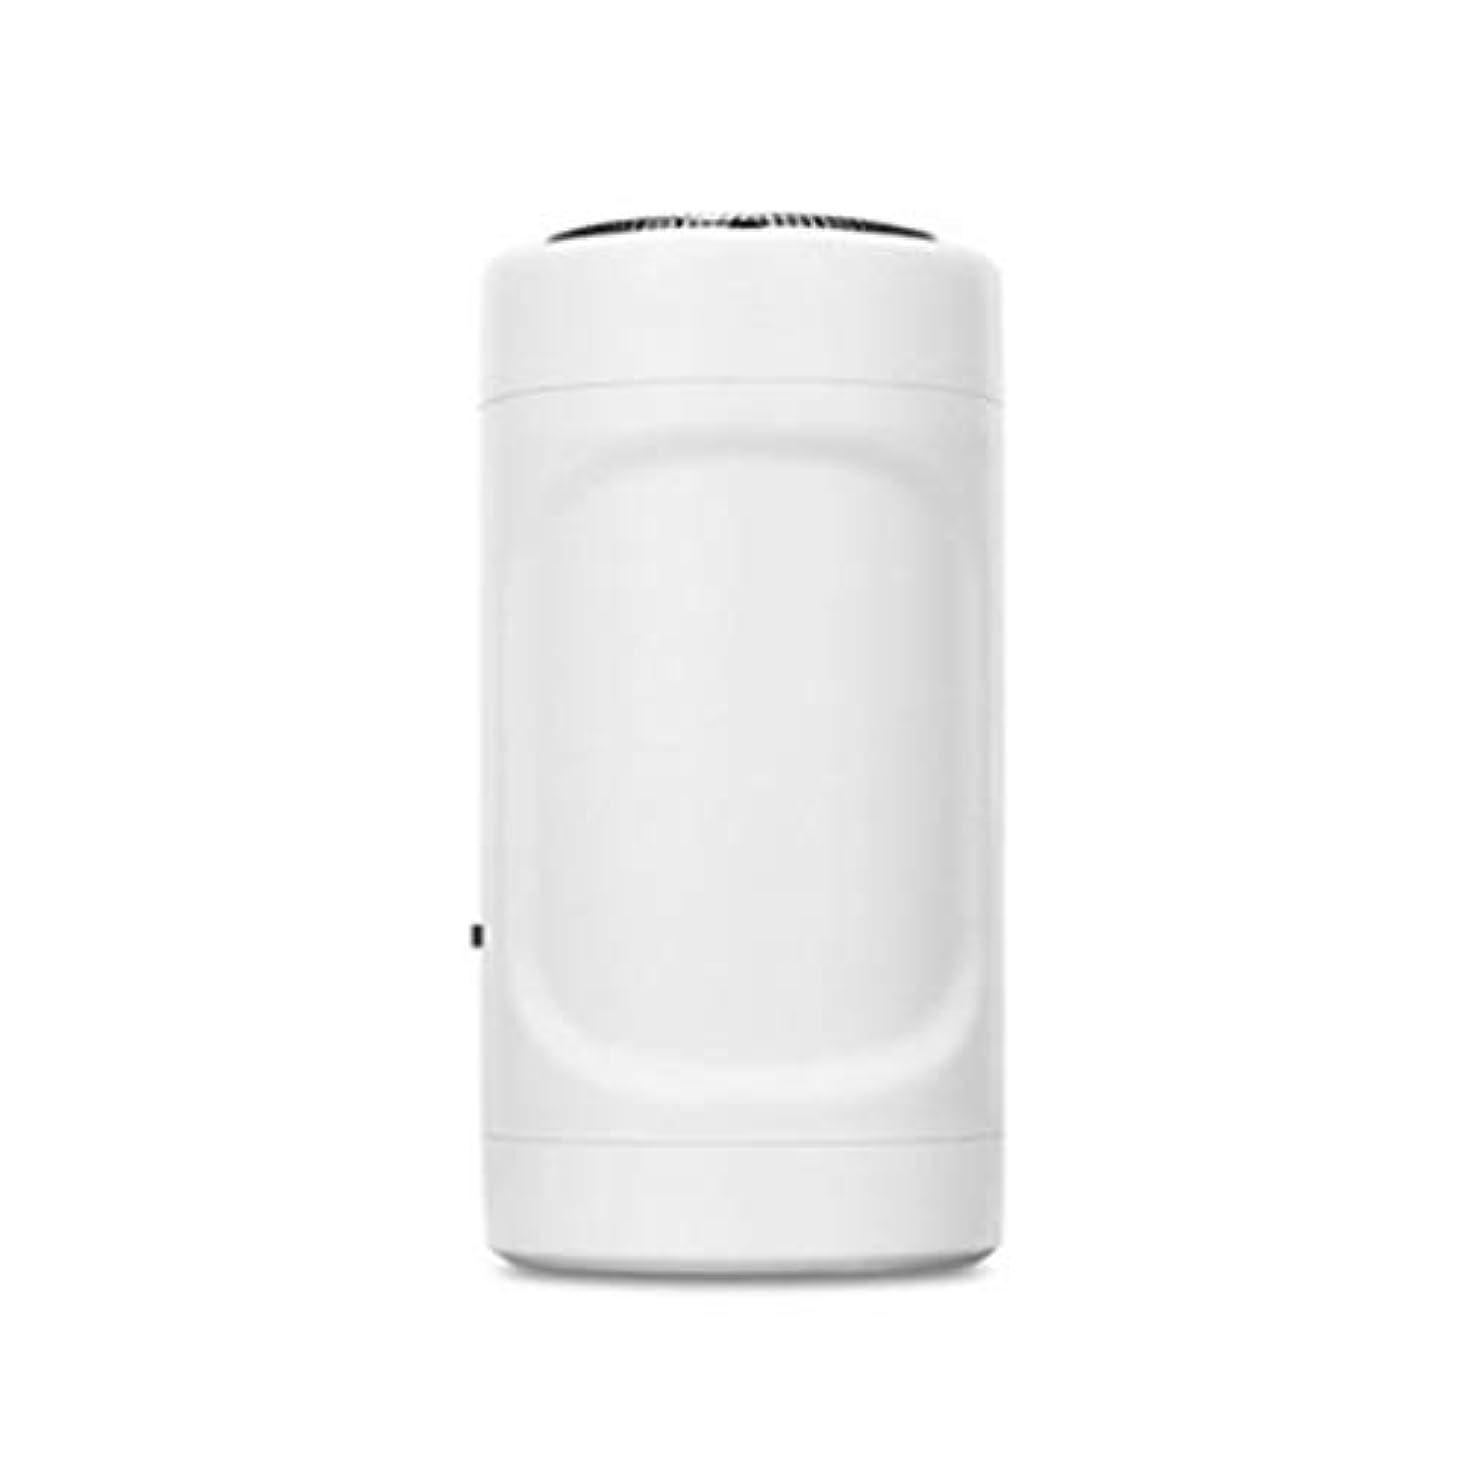 名目上の果てしないセンブランスミニシェーバーUSB Apple Androidミニ脱毛器屋外??旅行懐中電灯ミニポケット(ホワイト)